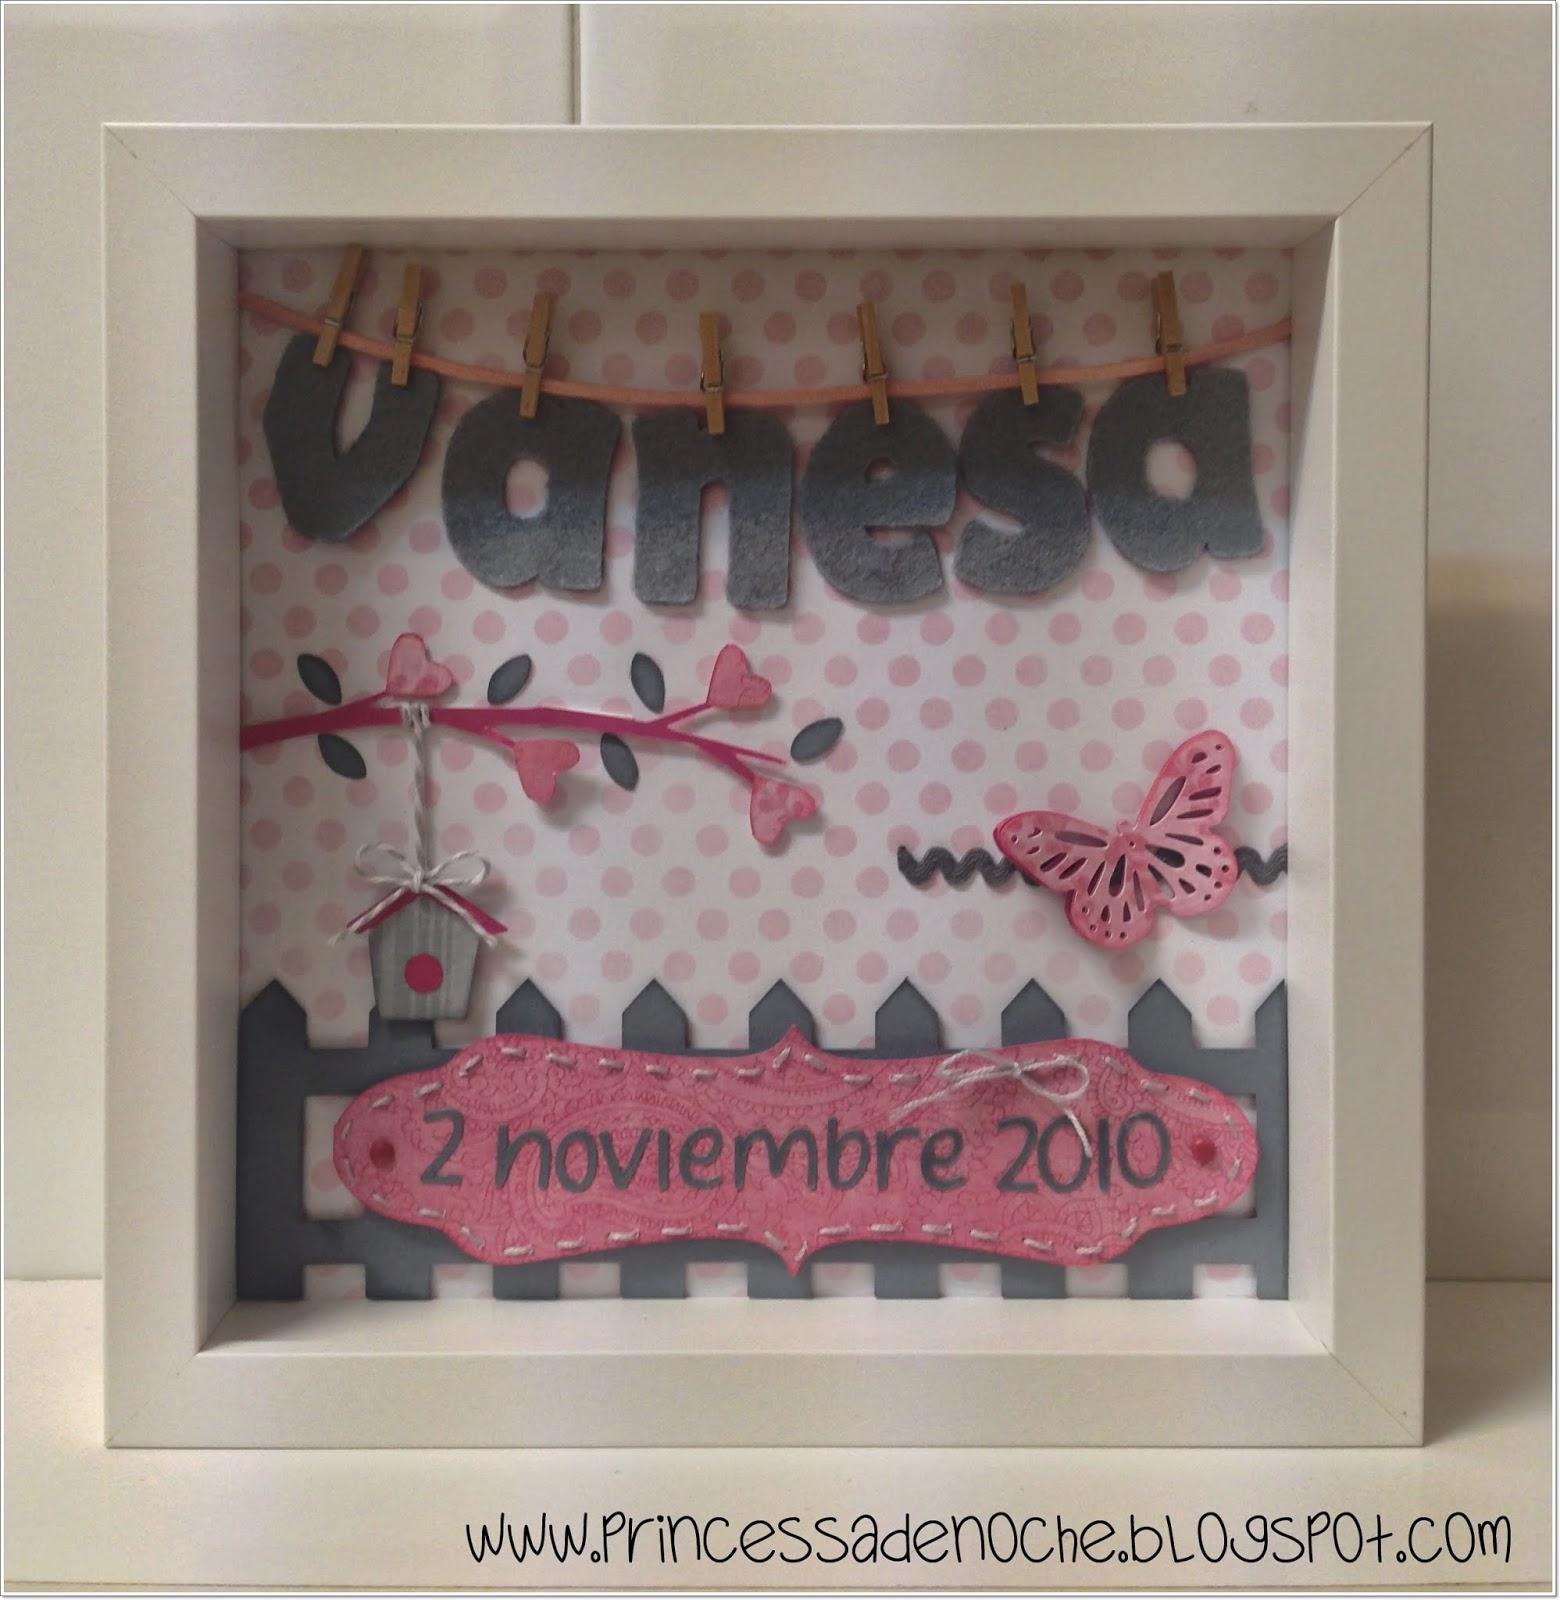 Princessadenoche conjunto de cuadro y nombre en fieltro - Cosas para decorar la habitacion ...